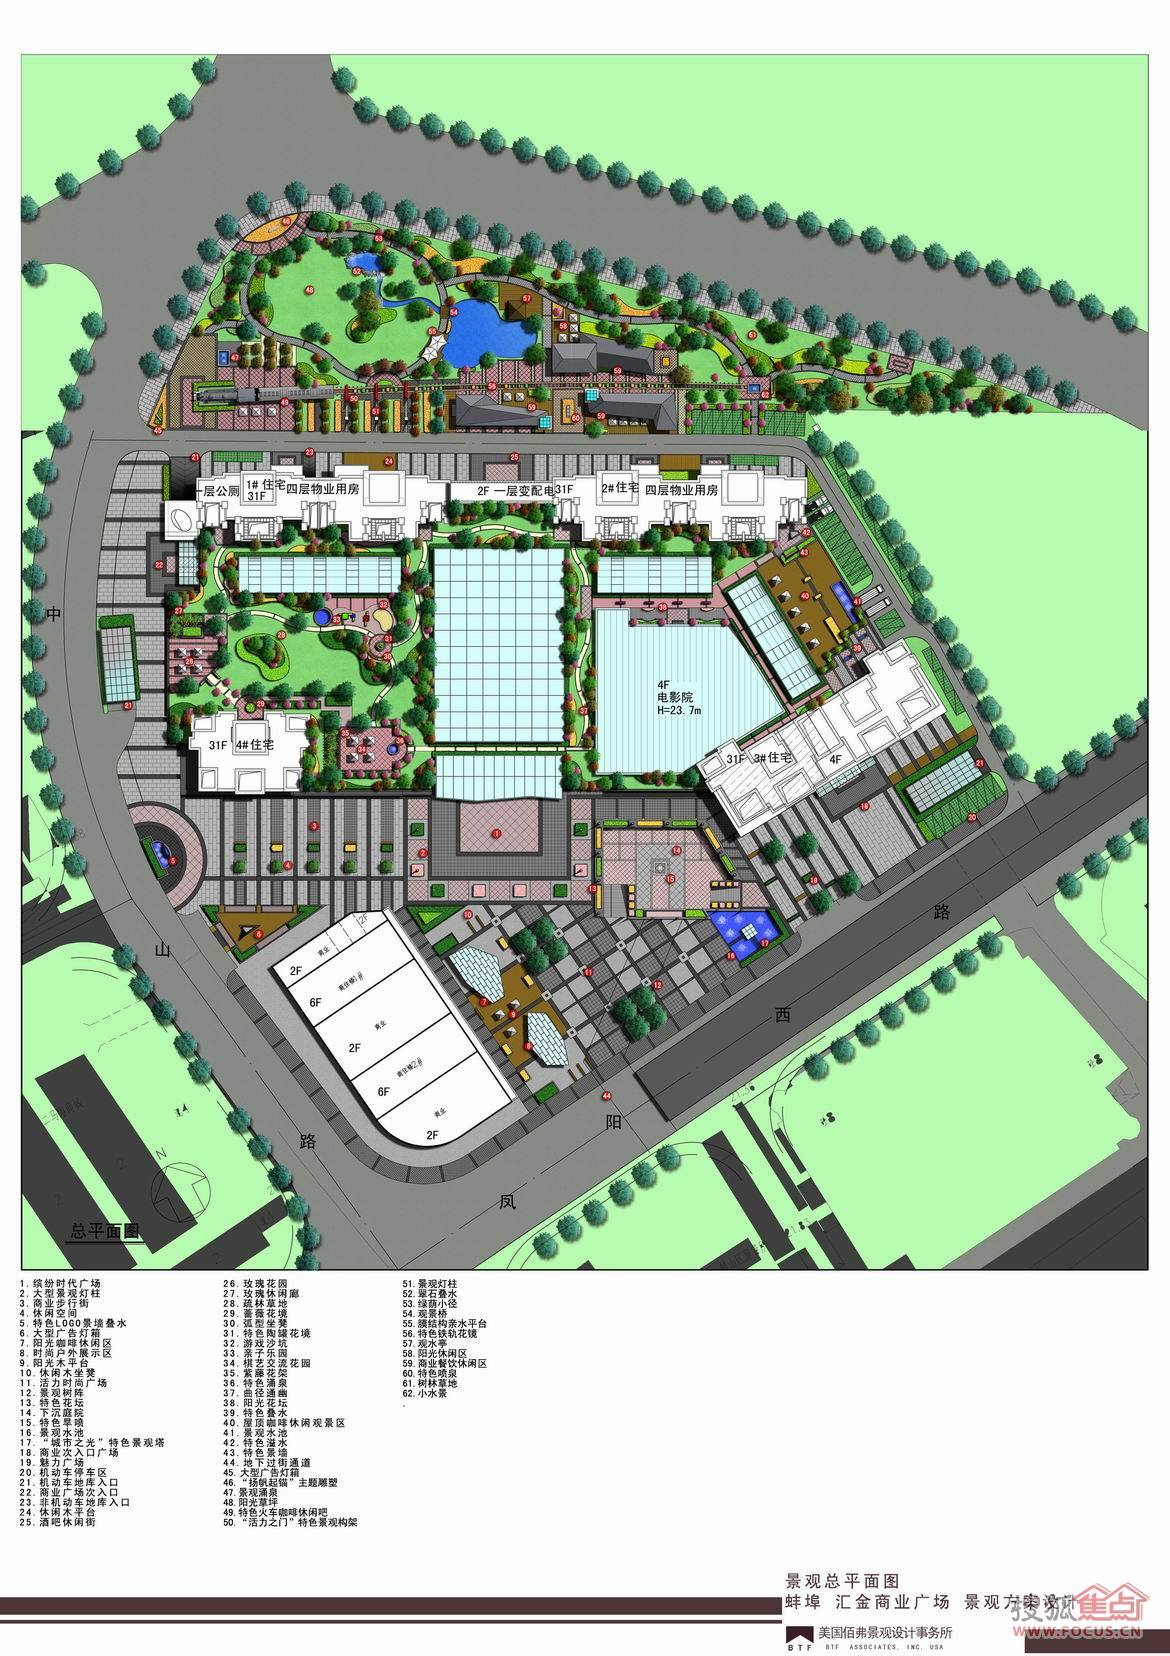 图片: 蚌埠汇金商业广场景观总平面展板10-10-12(a1)